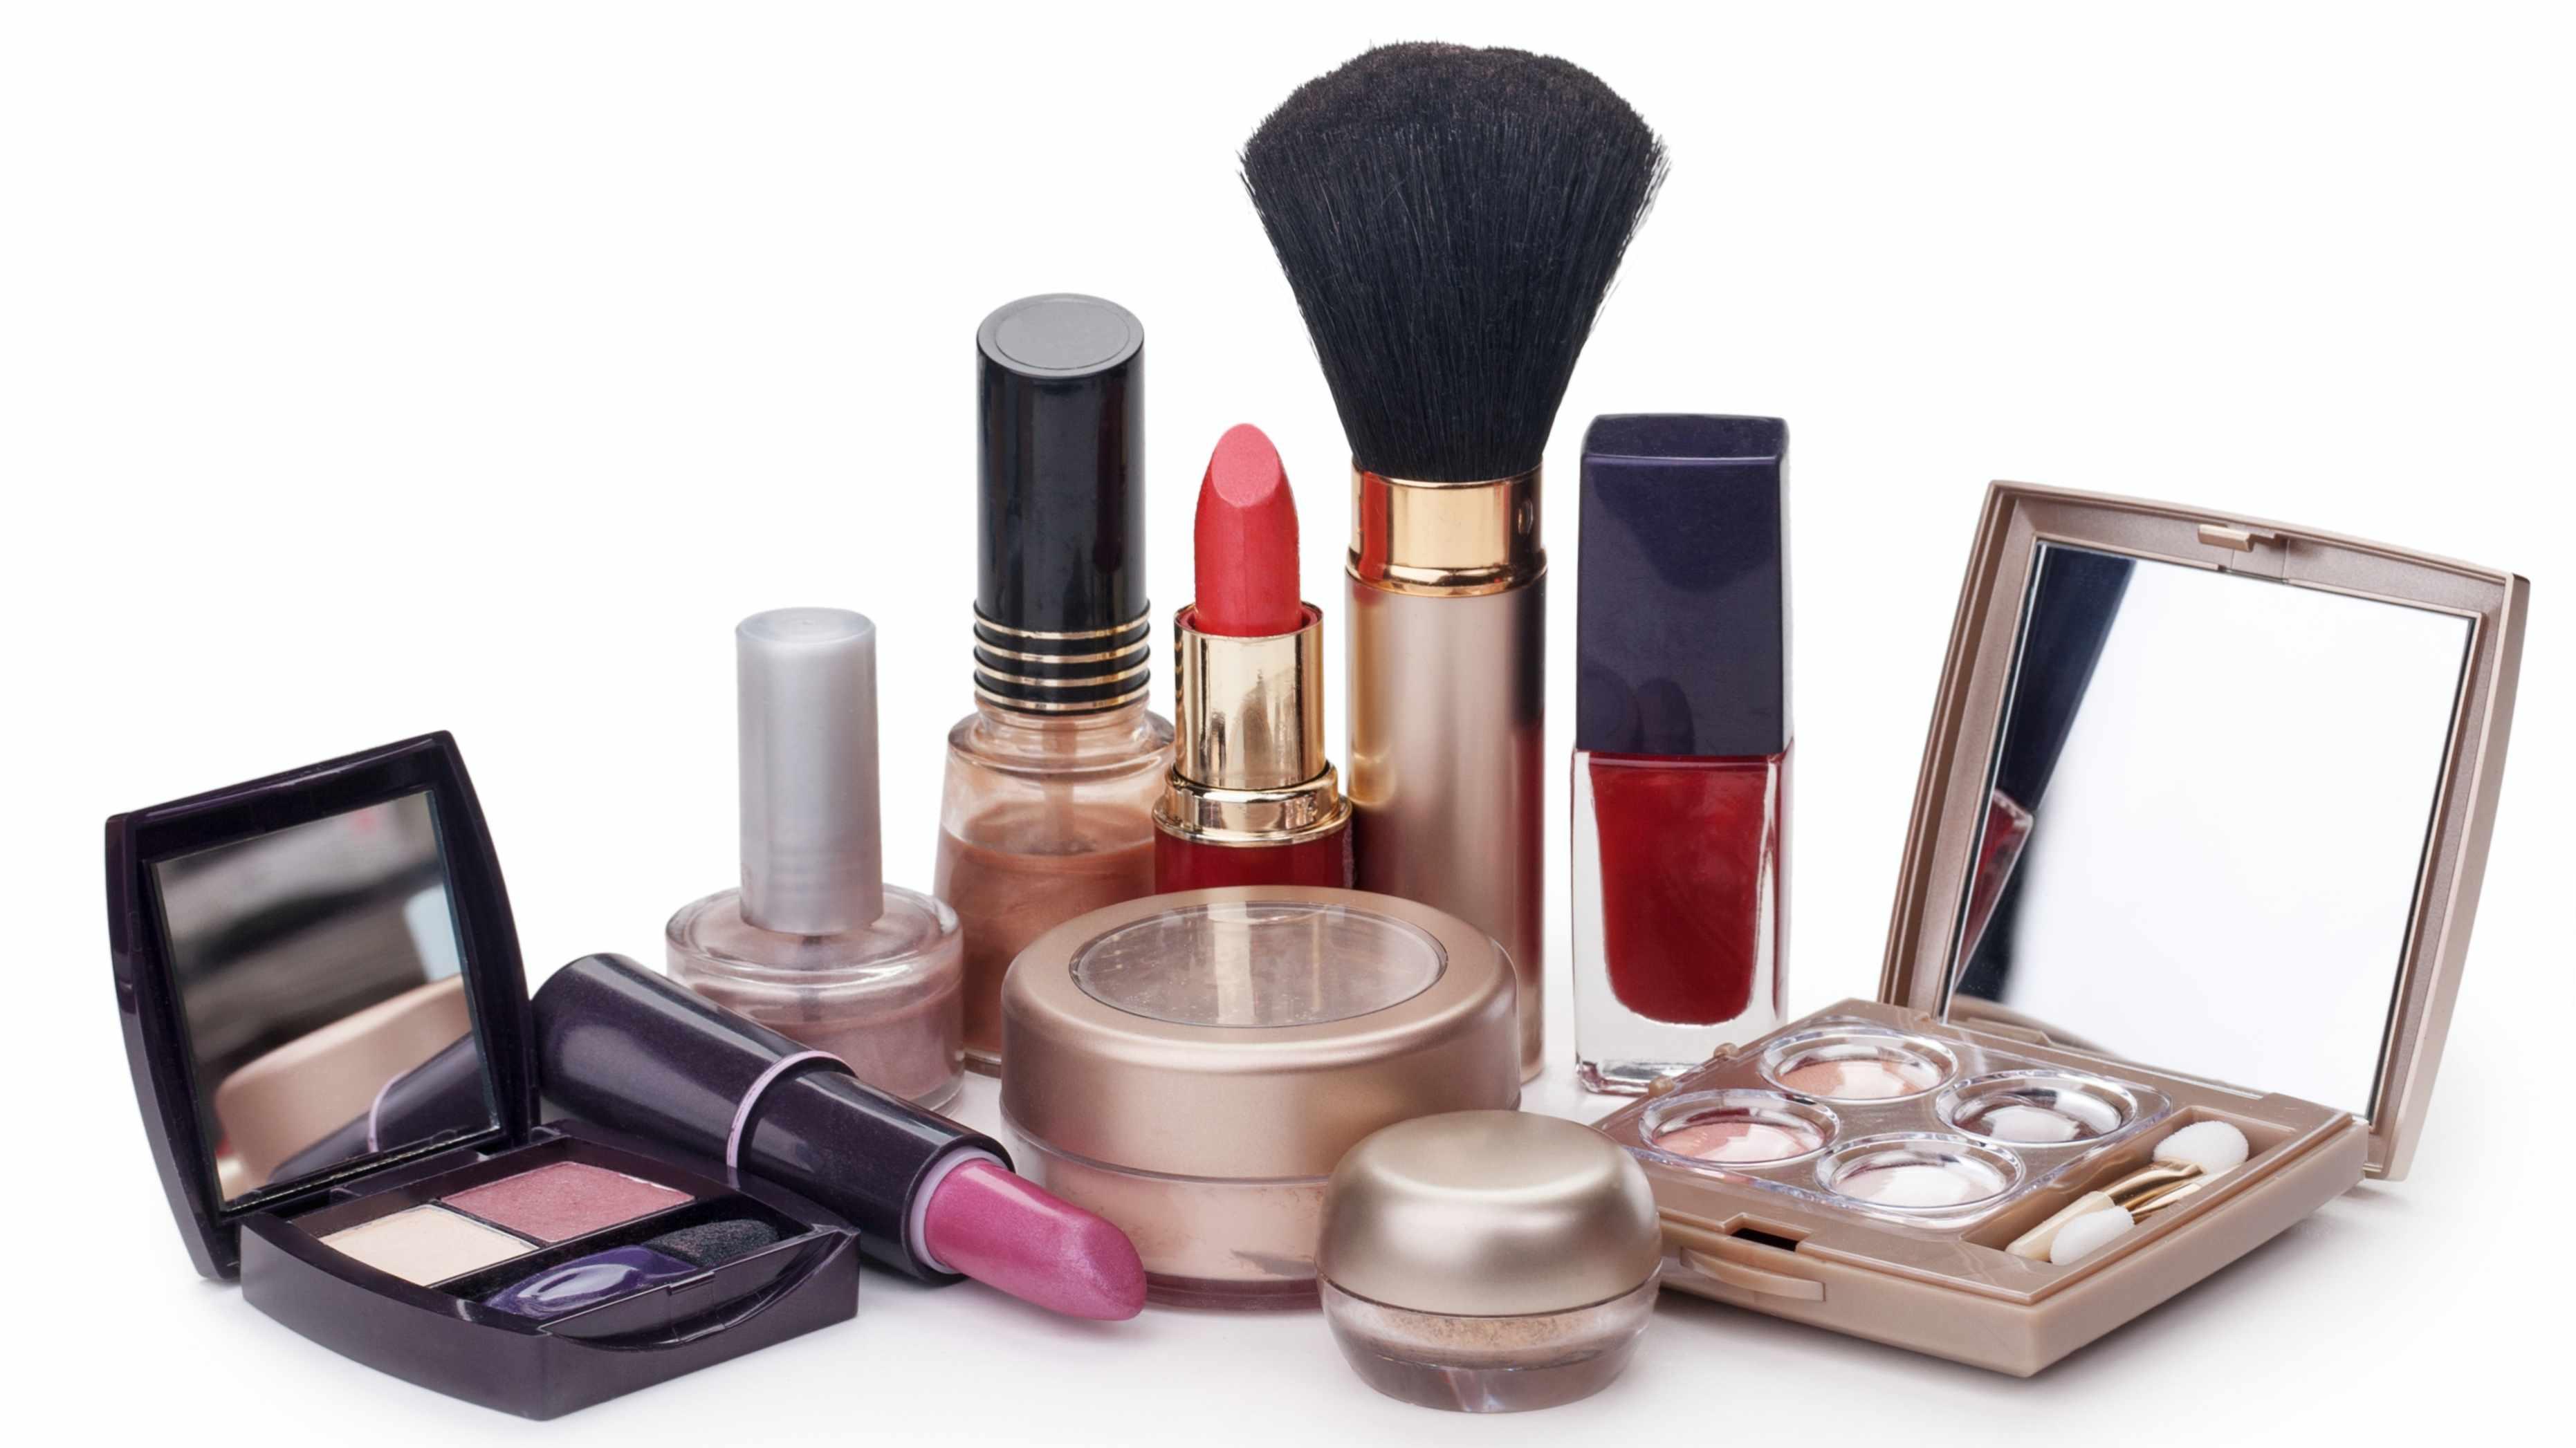 Productos de maquillaje distribuidos sobre una mesa, incluso con lápiz labial y sombra de ojos